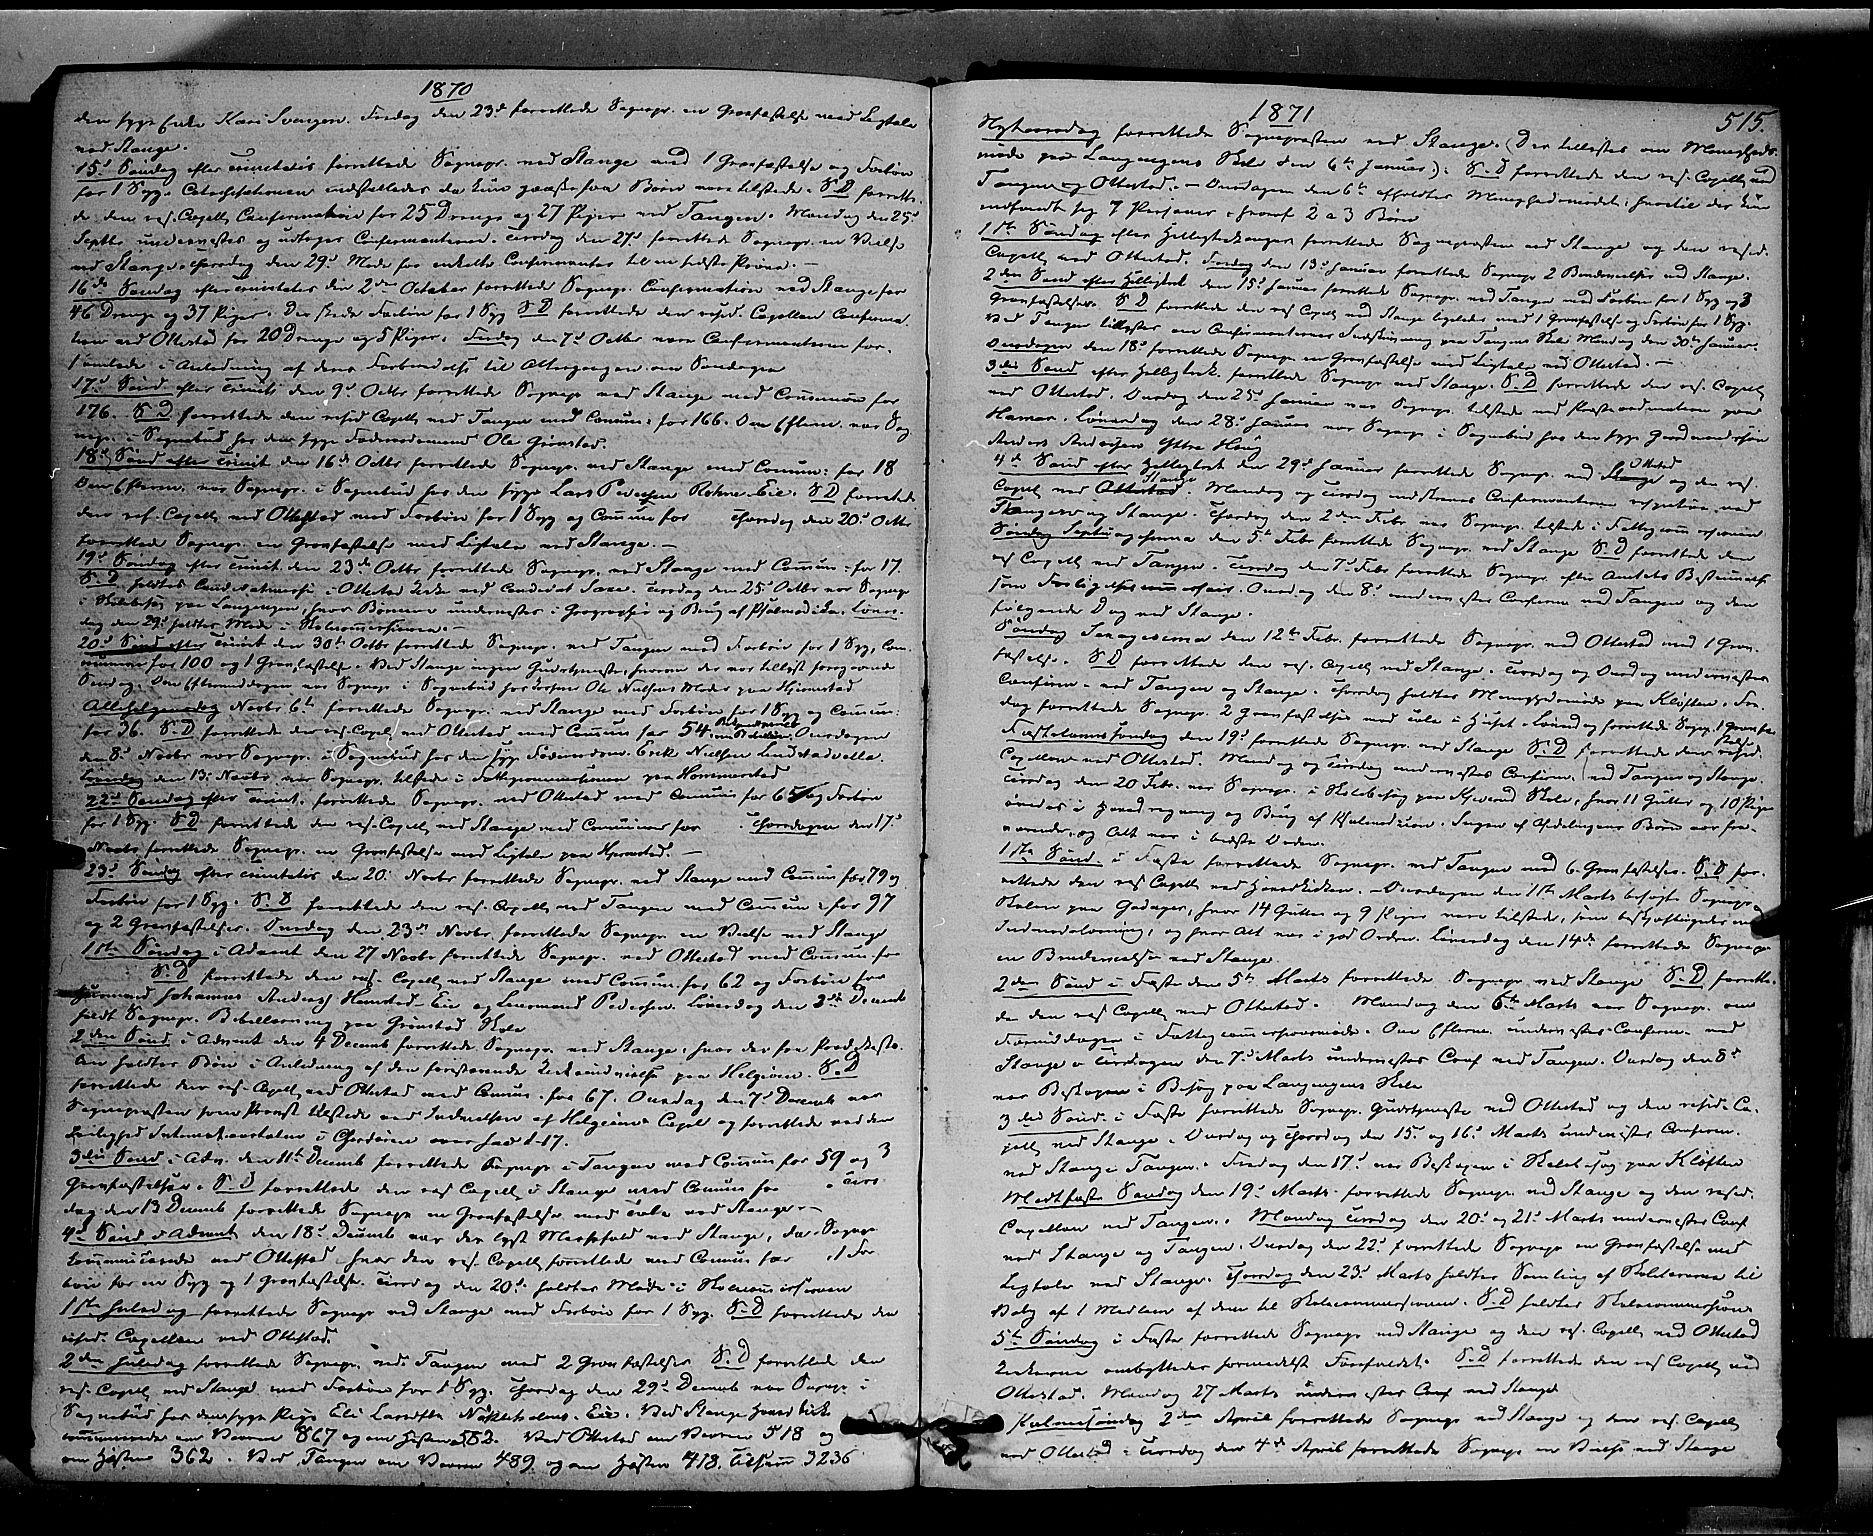 SAH, Stange prestekontor, K/L0013: Parish register (official) no. 13, 1862-1879, p. 515